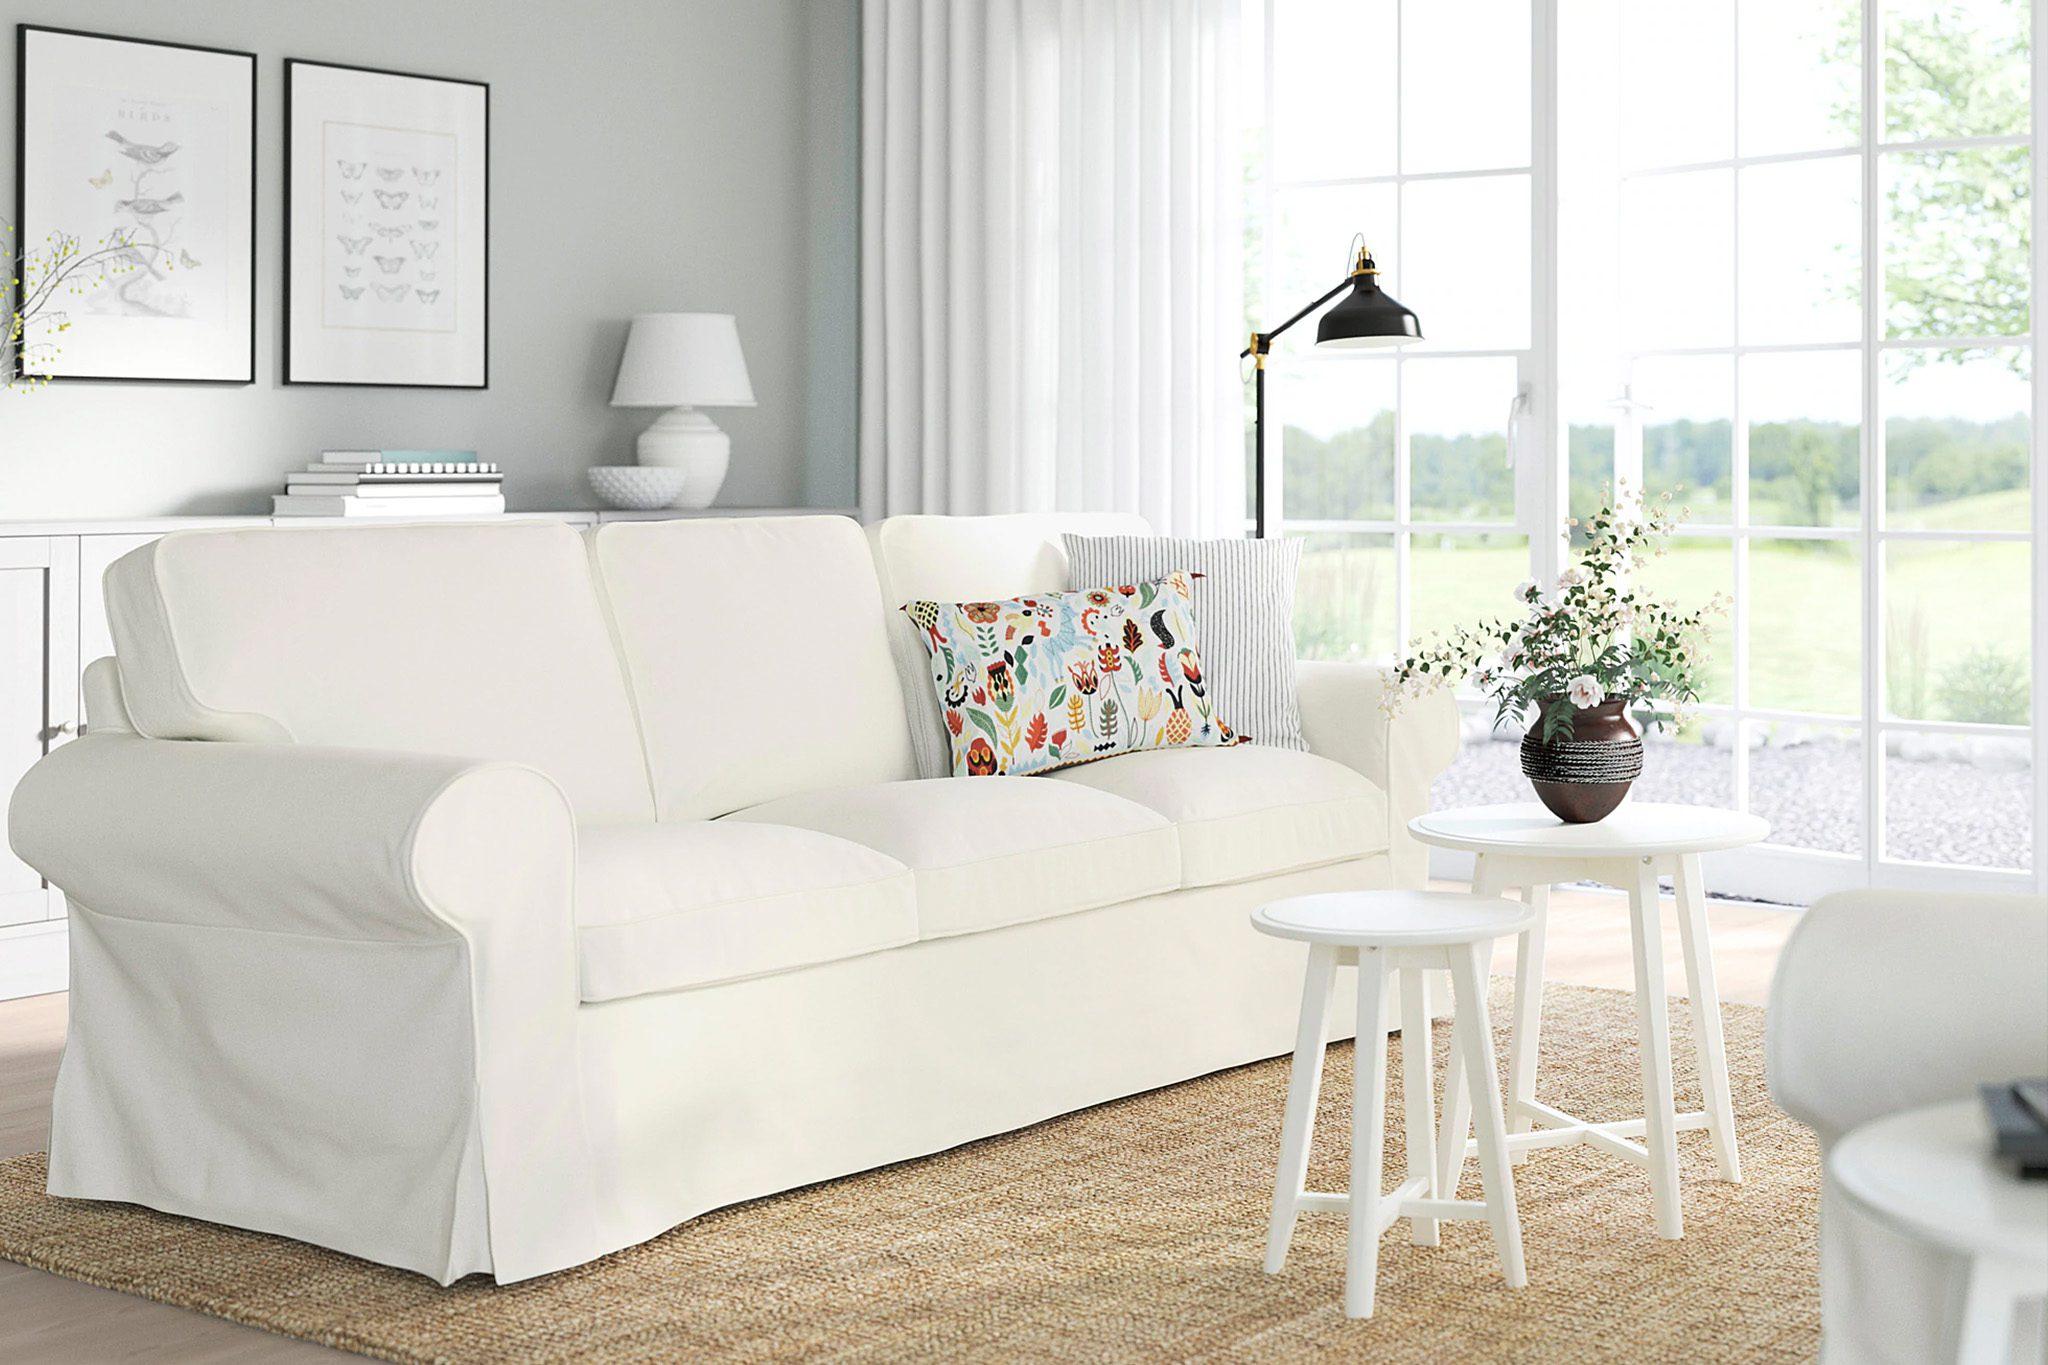 uppland-sofa-in-blekinge-white-fabric